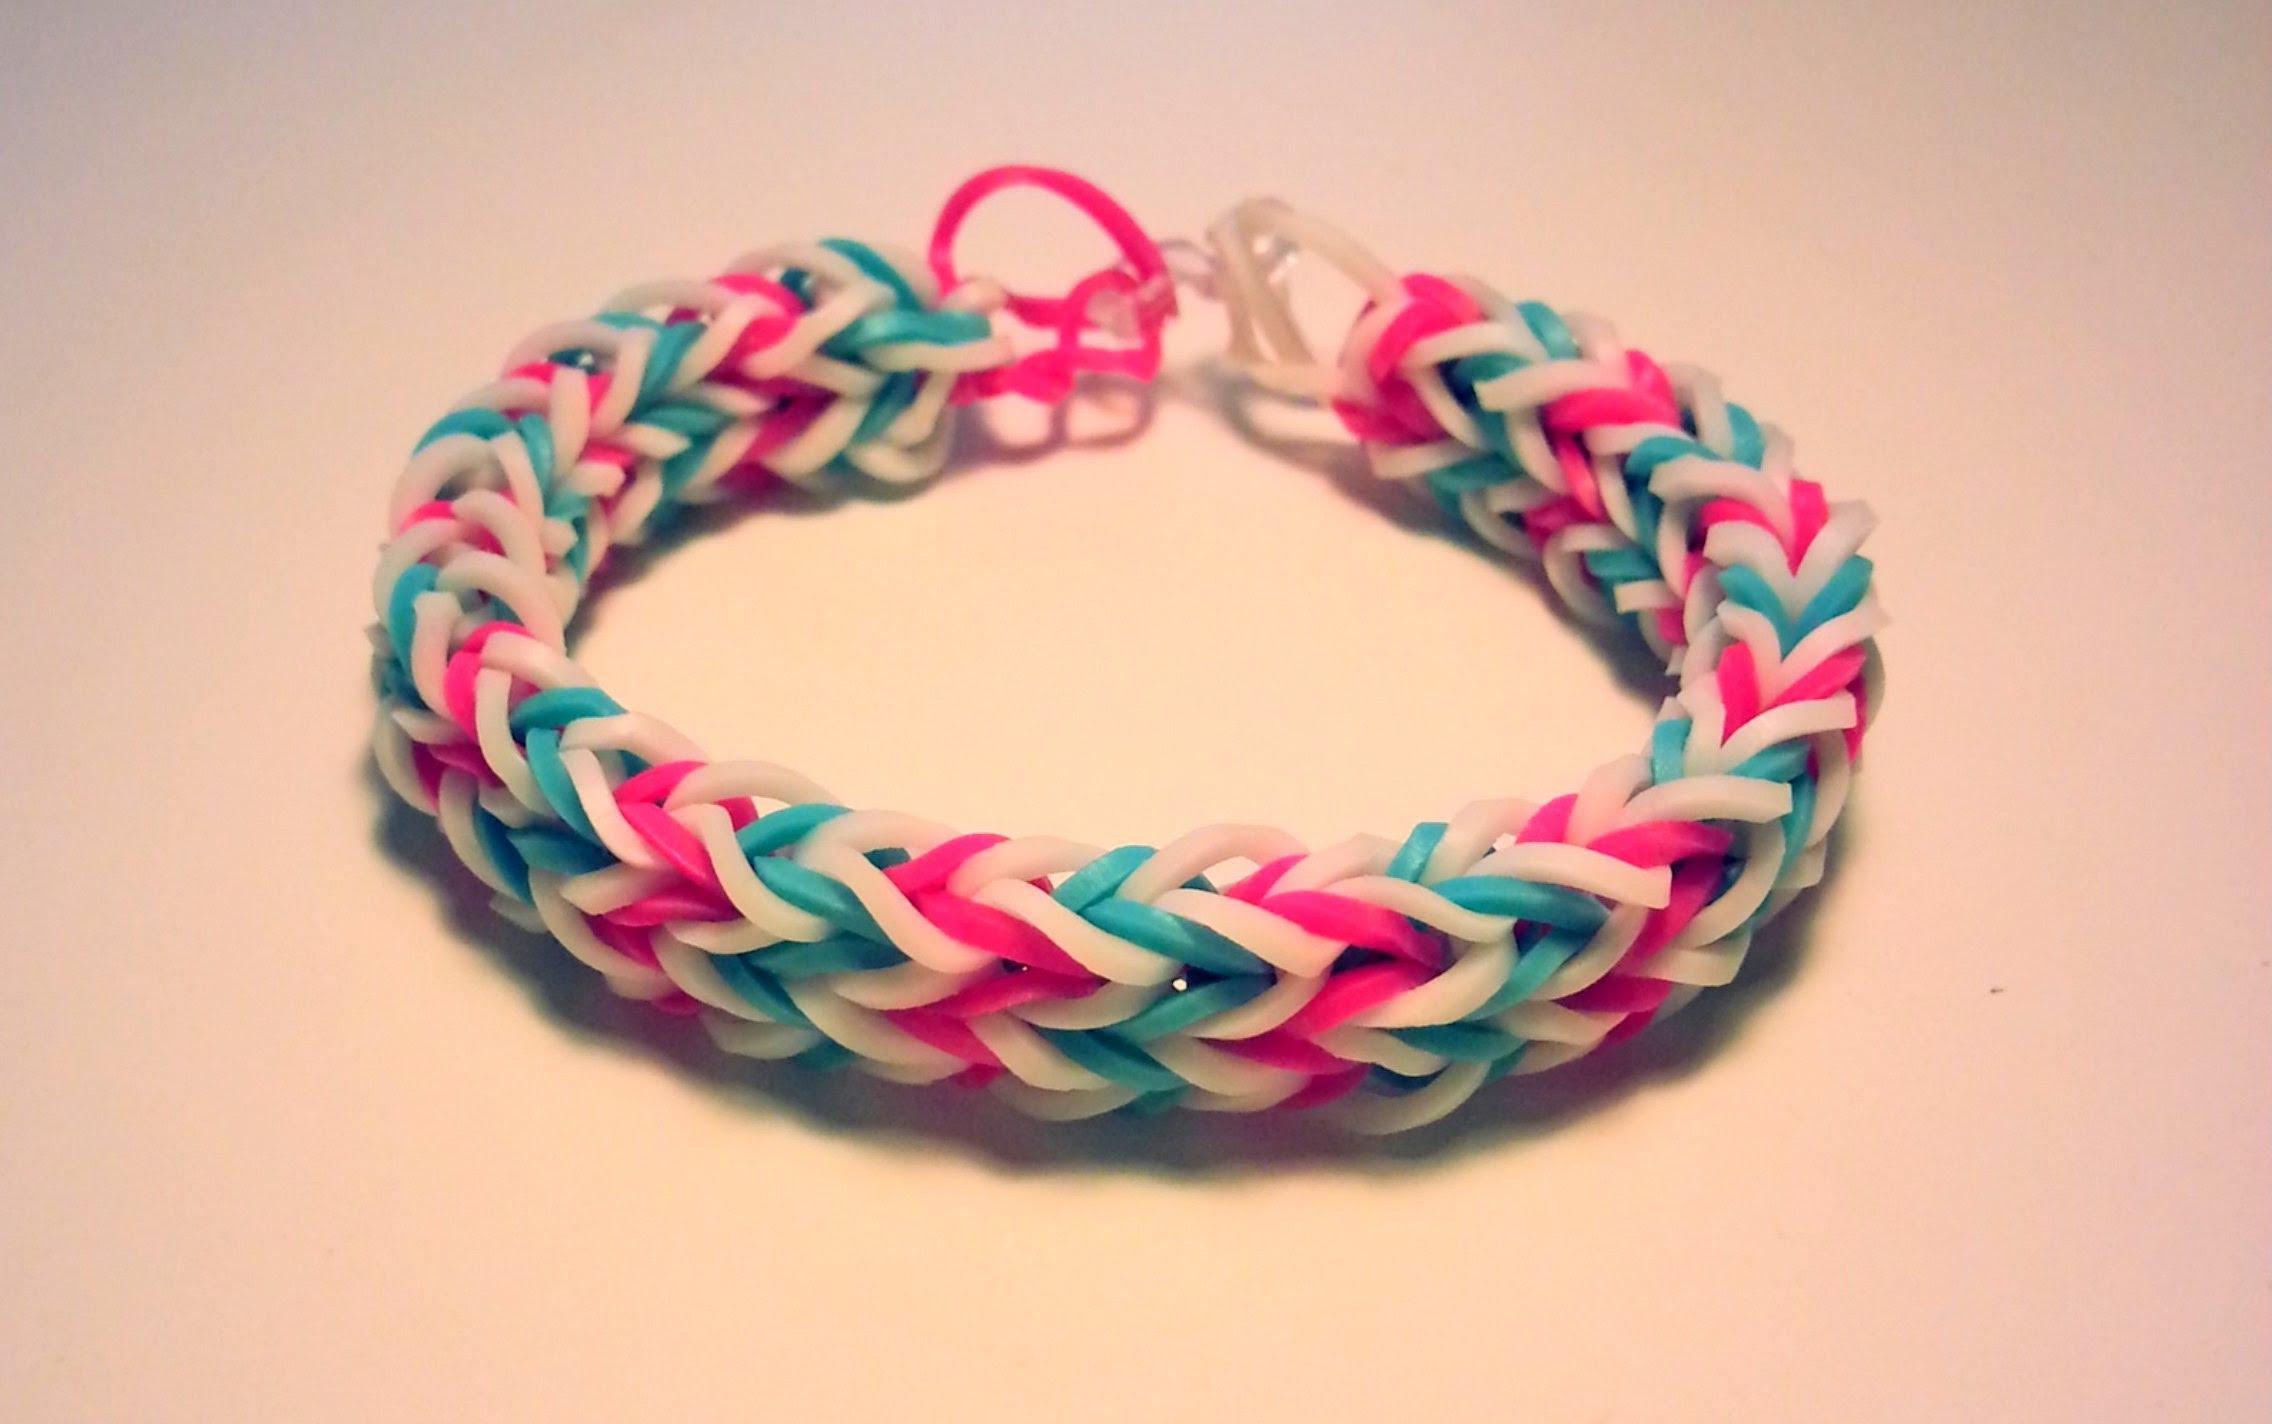 comment faire un bracelet elastique ?